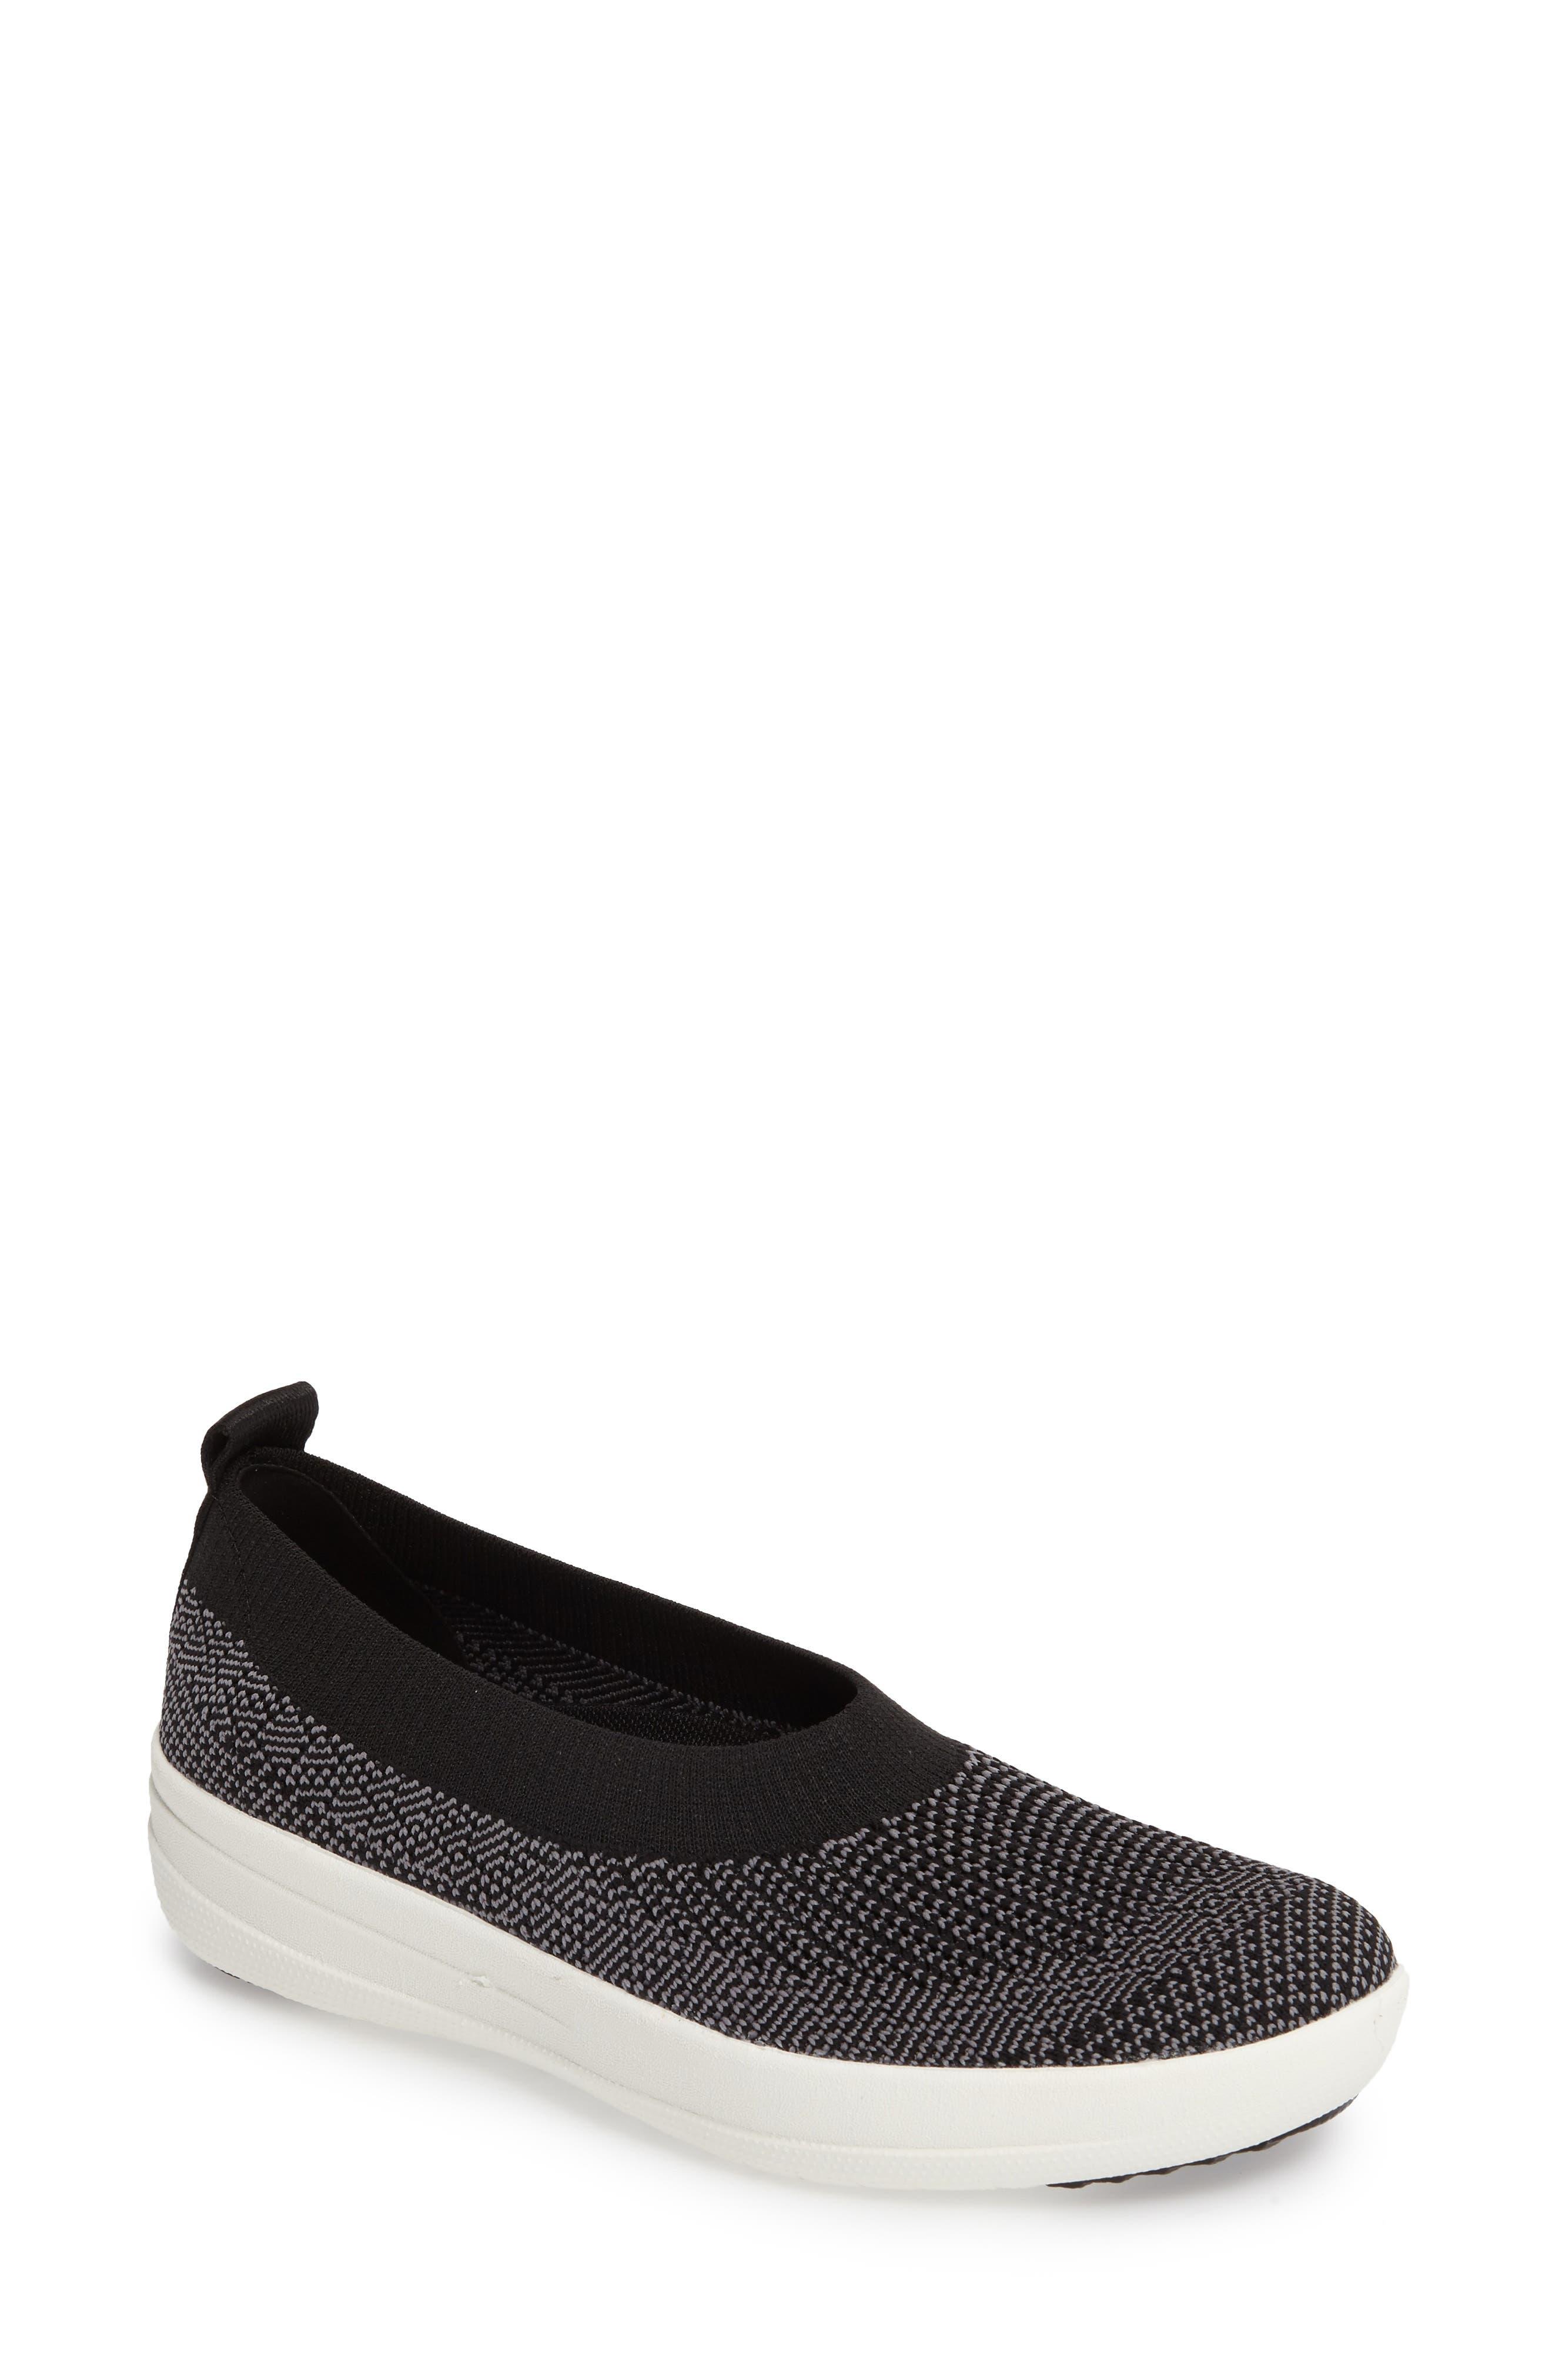 FitFlop Uberknit Slip-On Sneaker (Women)